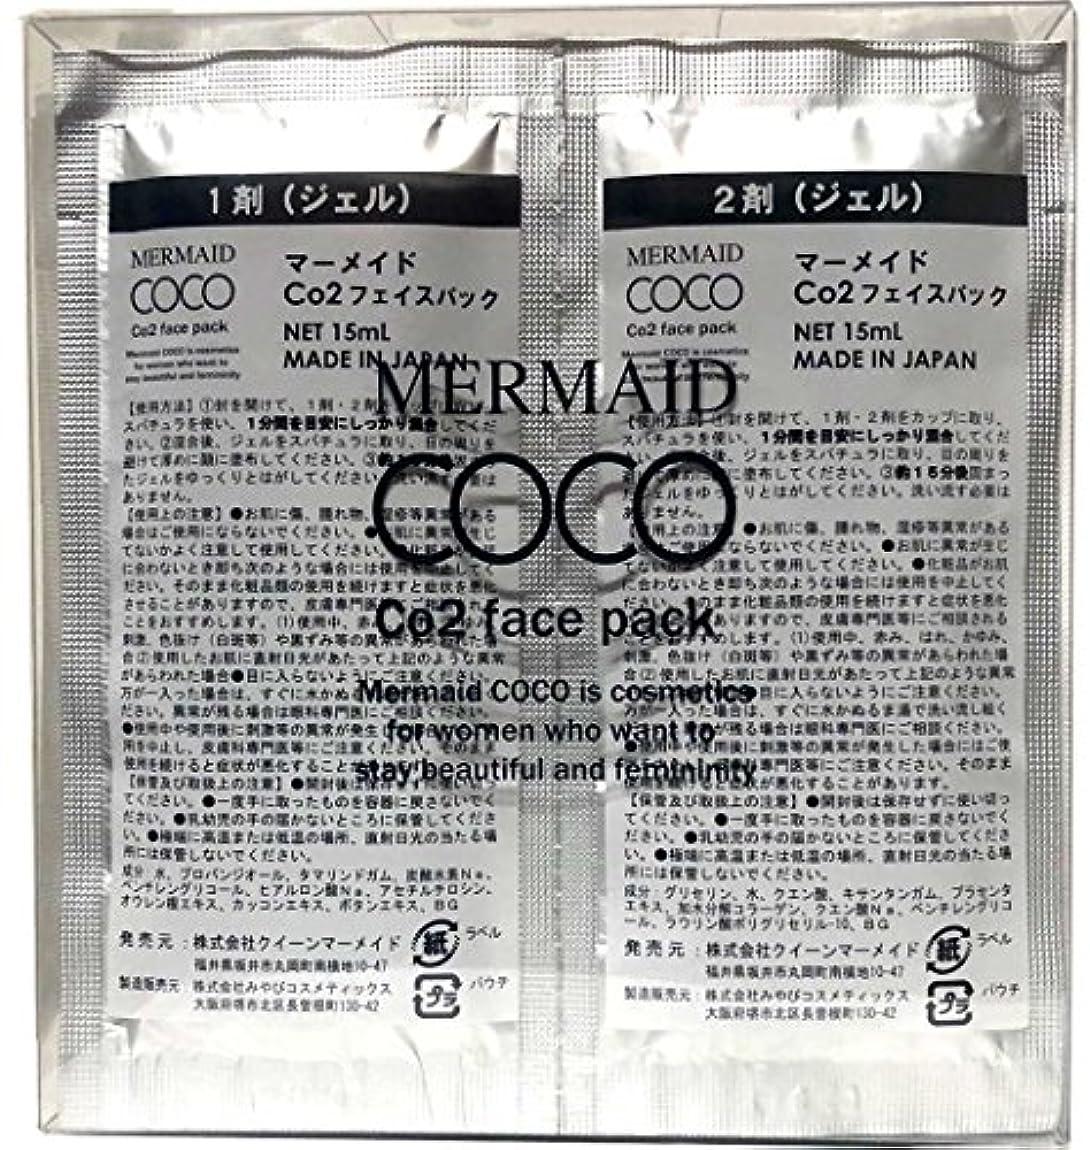 迷路アナニバー検査官マーメイド ココ  MERMAID COCO Co2 フェイスパック 10回分